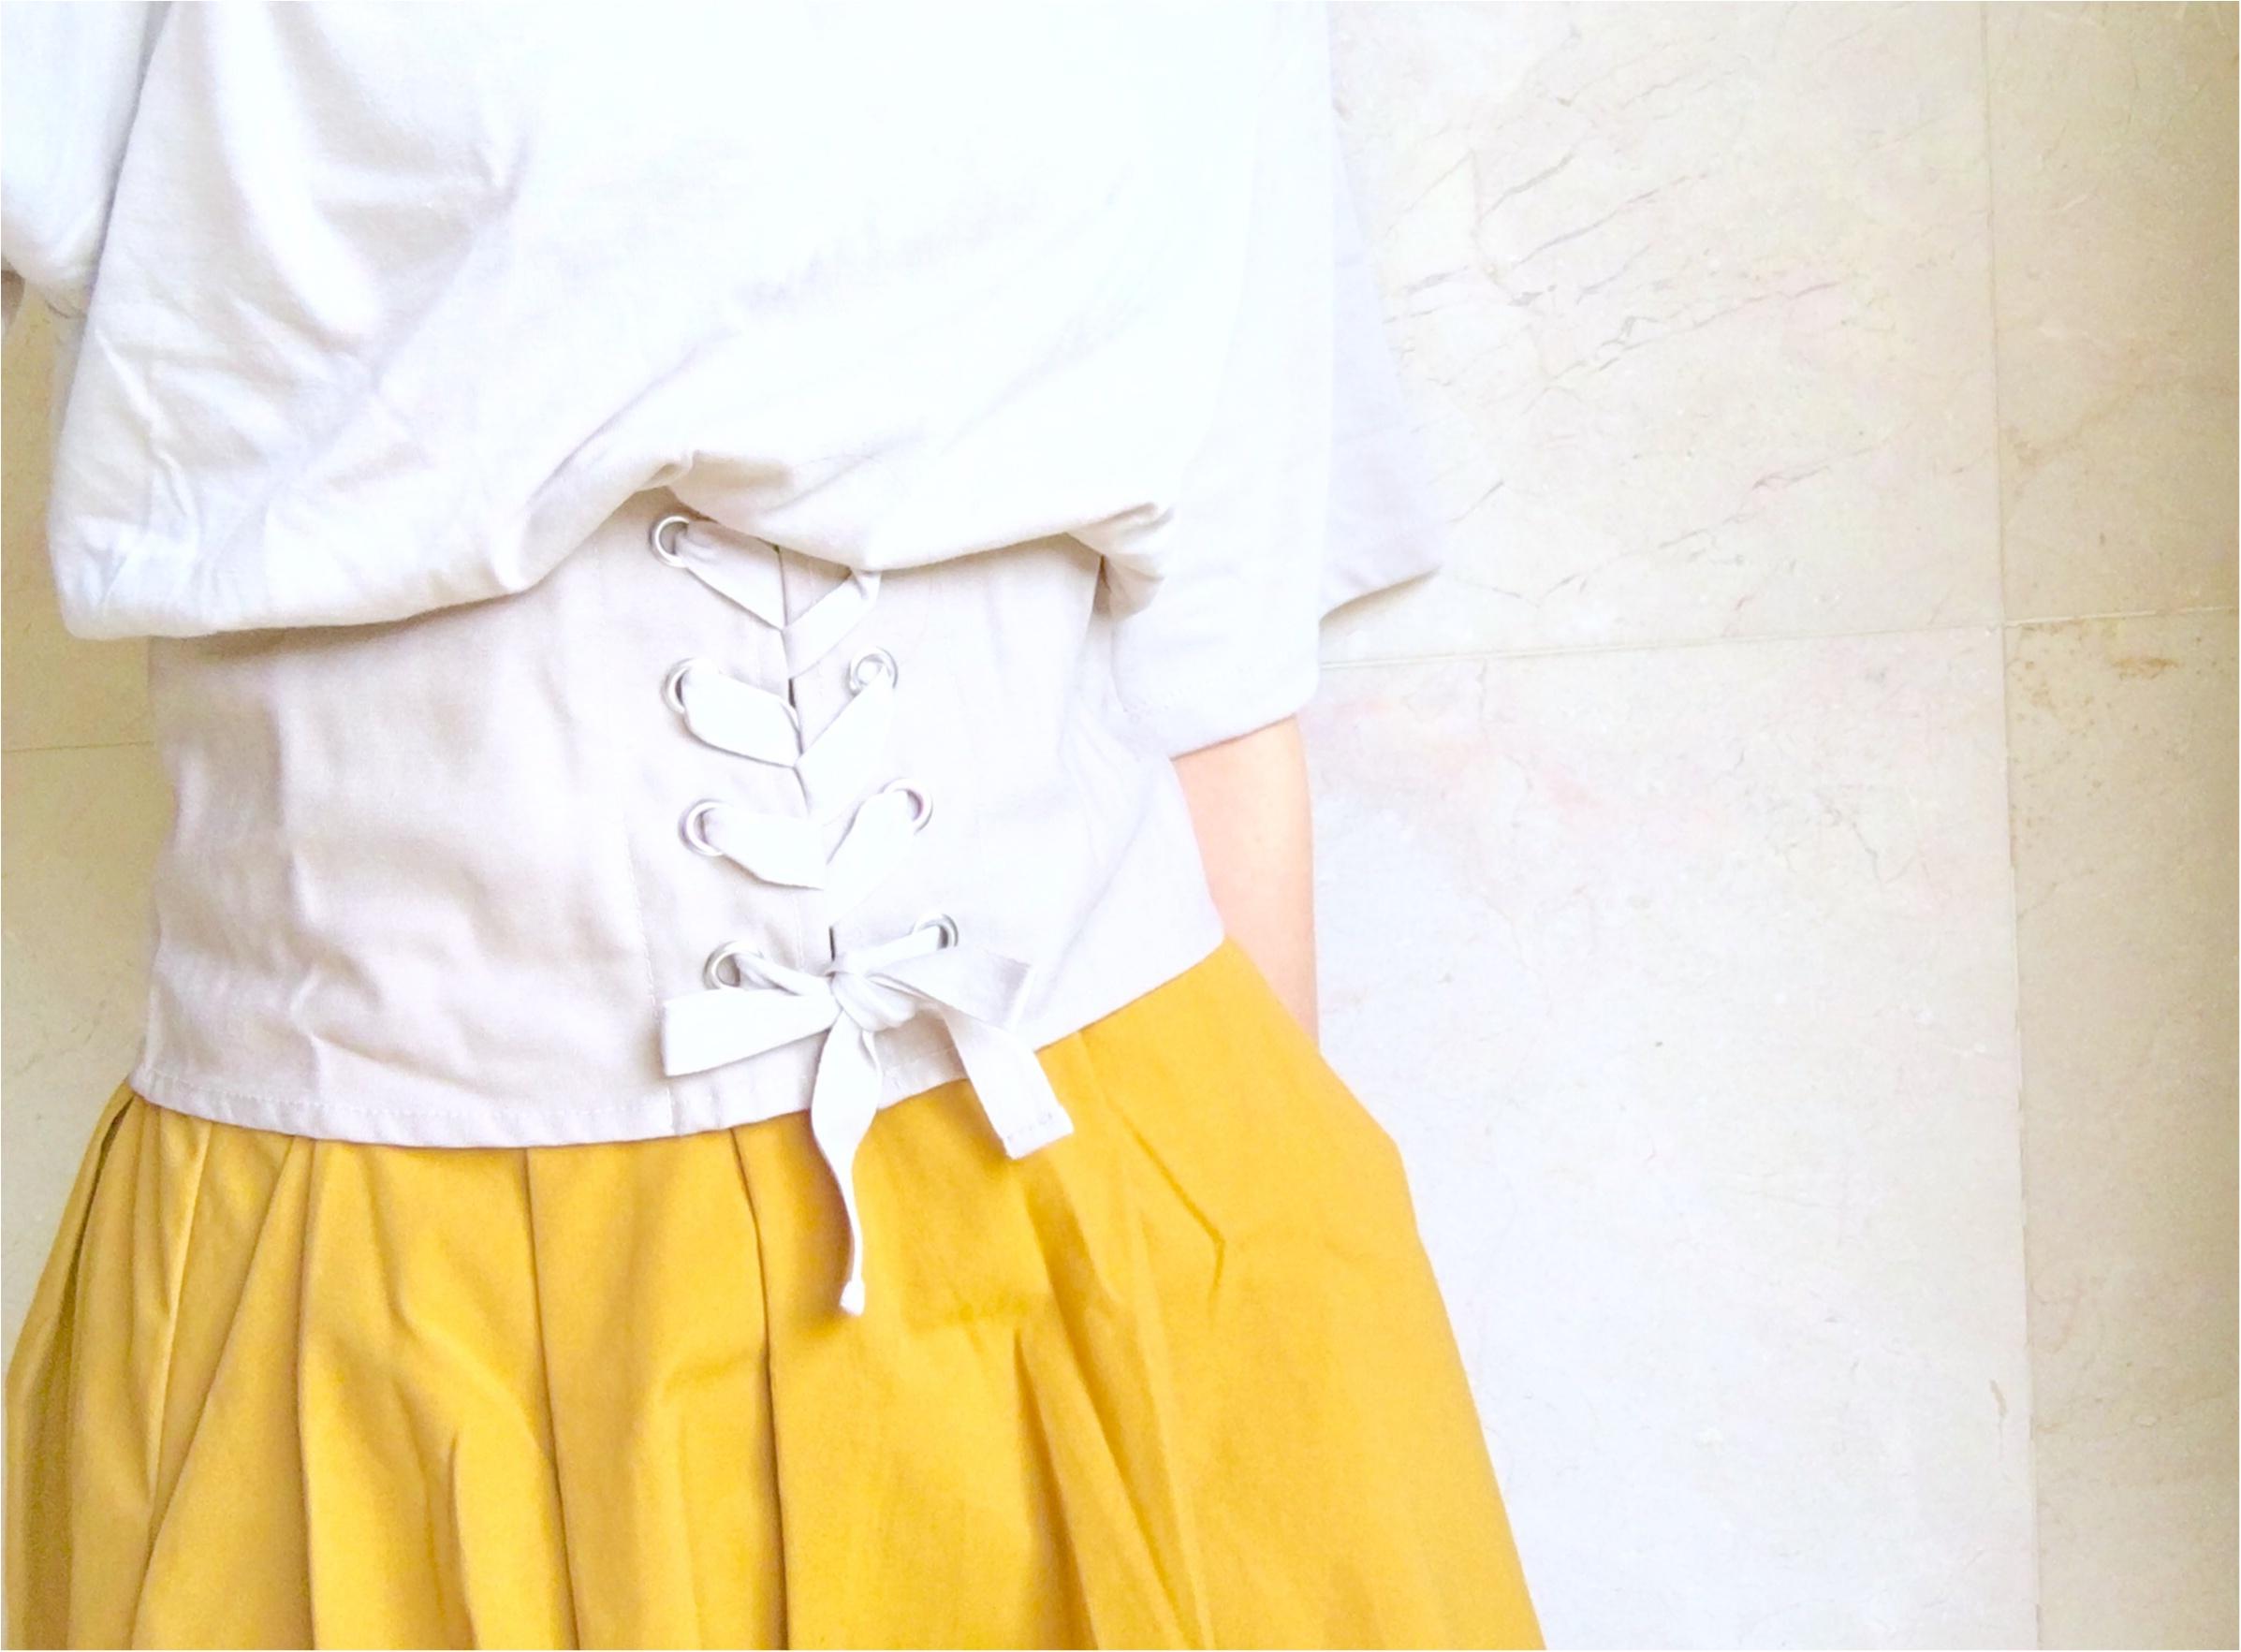 【UNIQLO】シワになりにくいからお手入れ楽チン❤️《美シルエットの優秀スカート》3選!_1